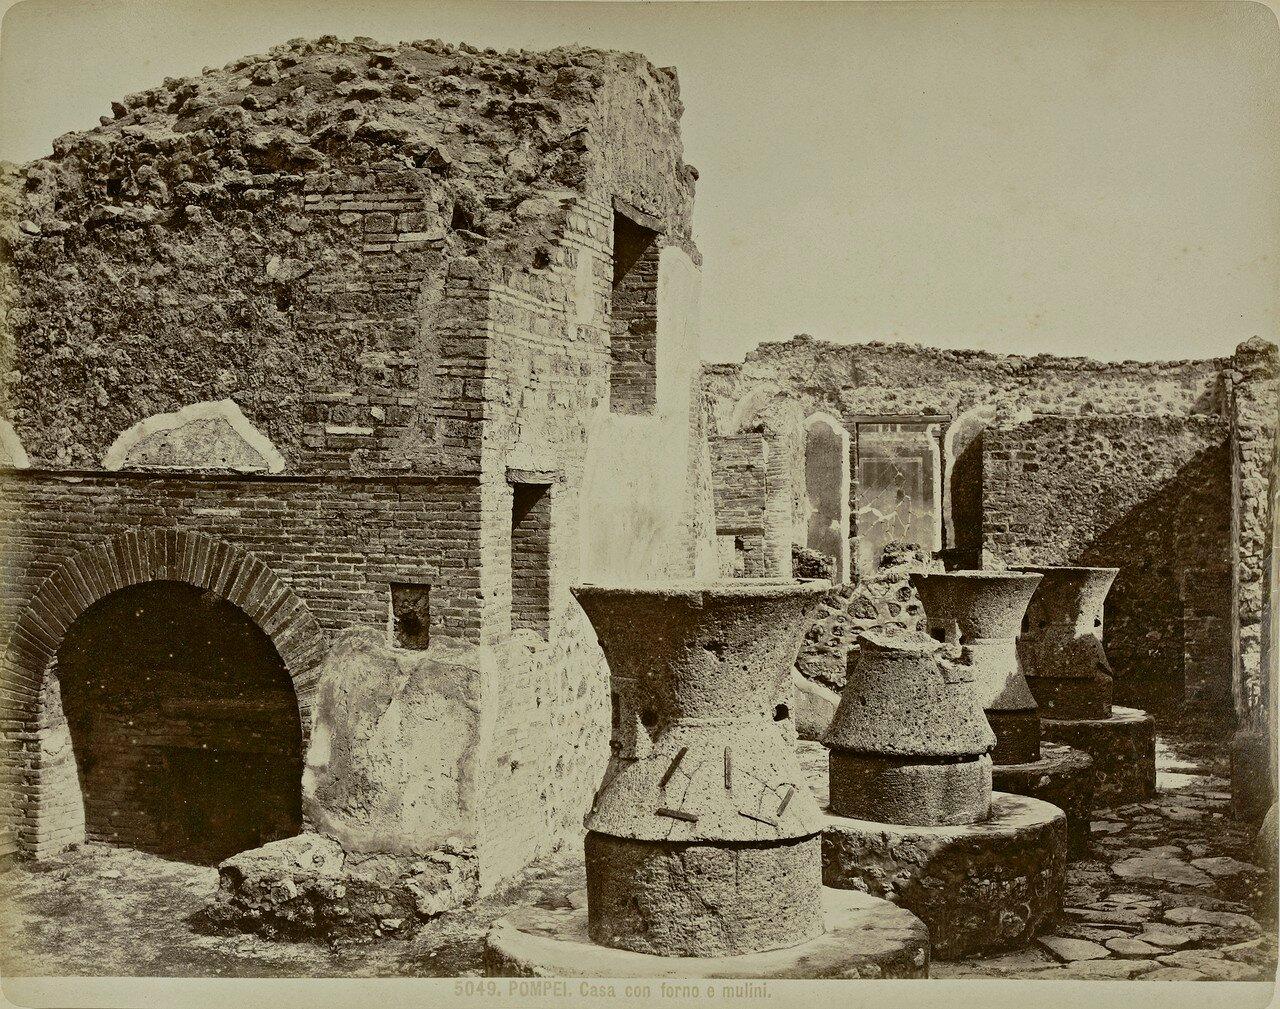 1880. Пекарня в Помпеях: видны мельницы и печь